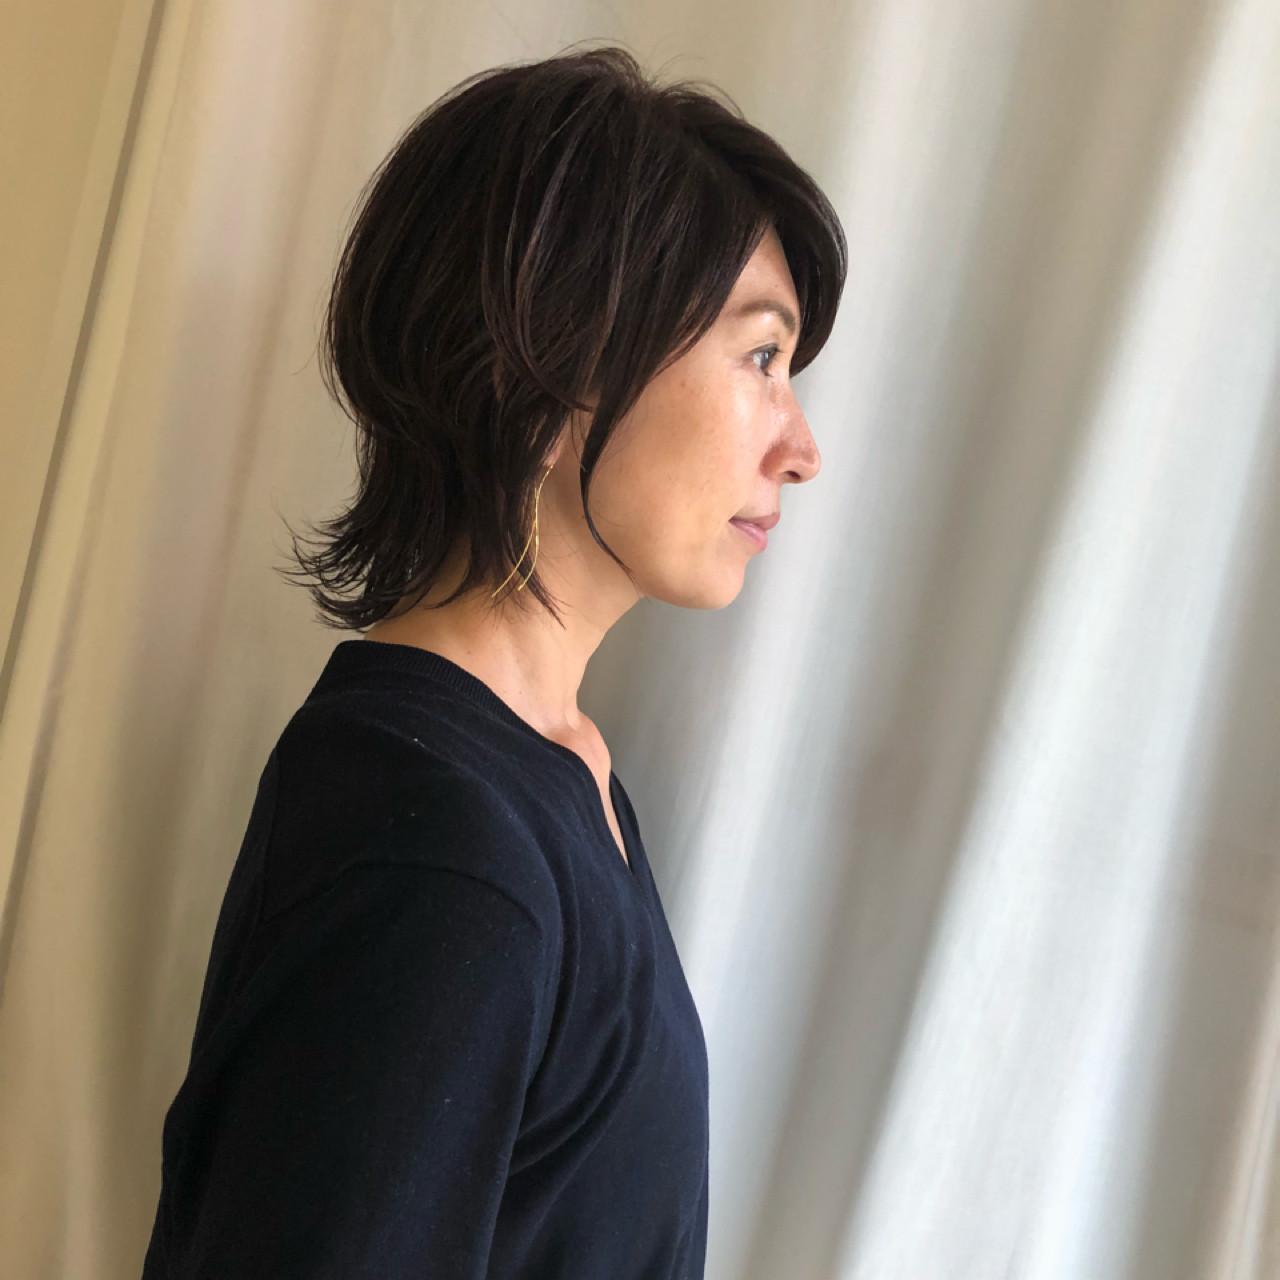 コンサバ系にキメて♡ミディアムウルフヘア 岩城 浩子